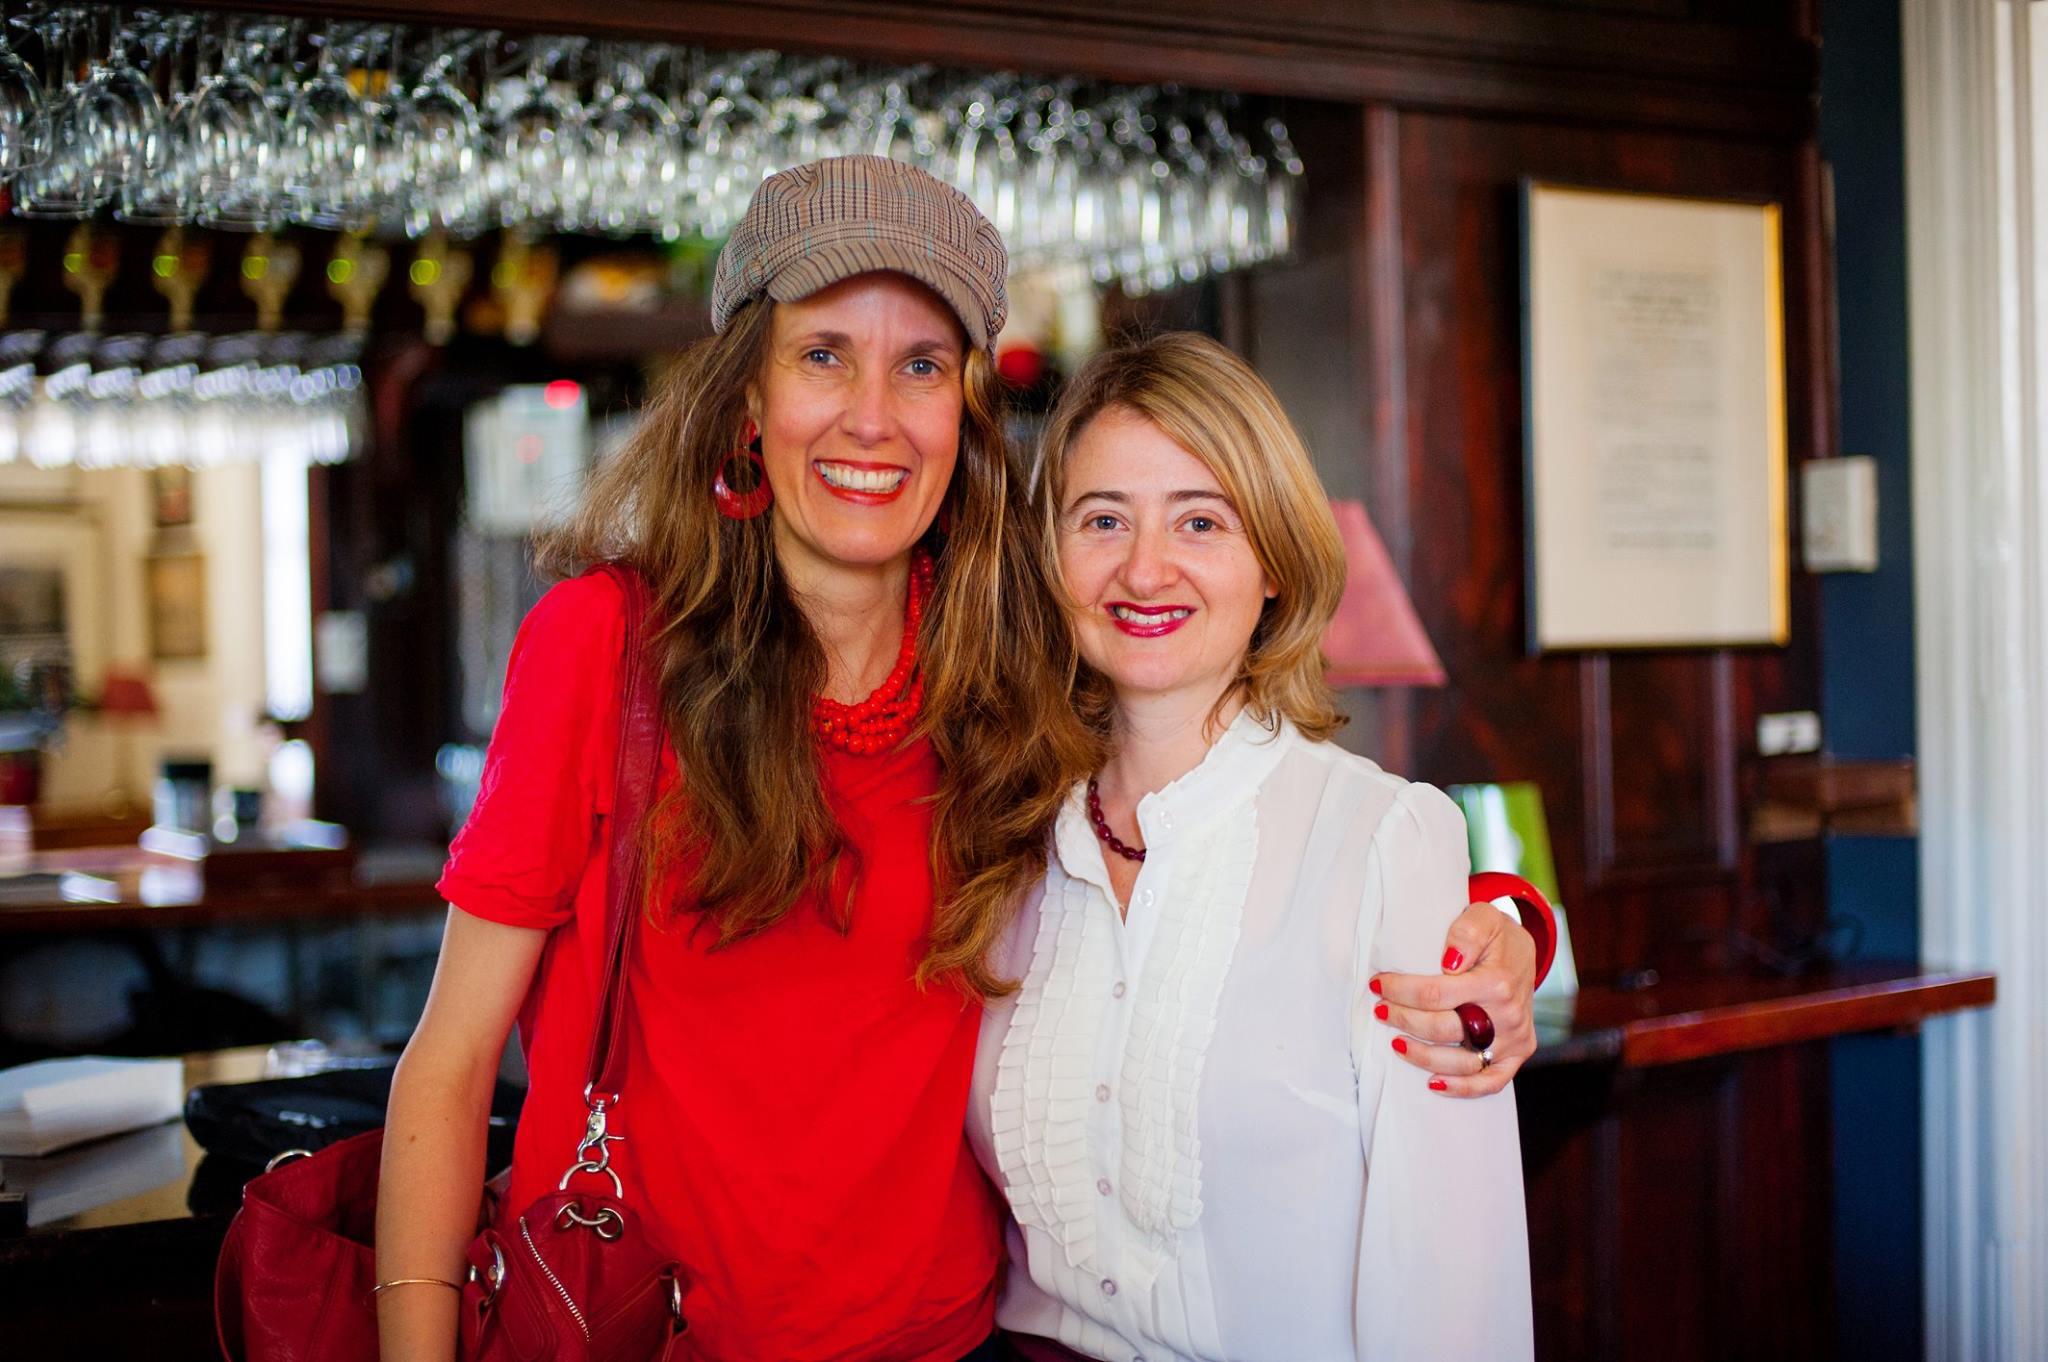 With artist Yaeli Ohana